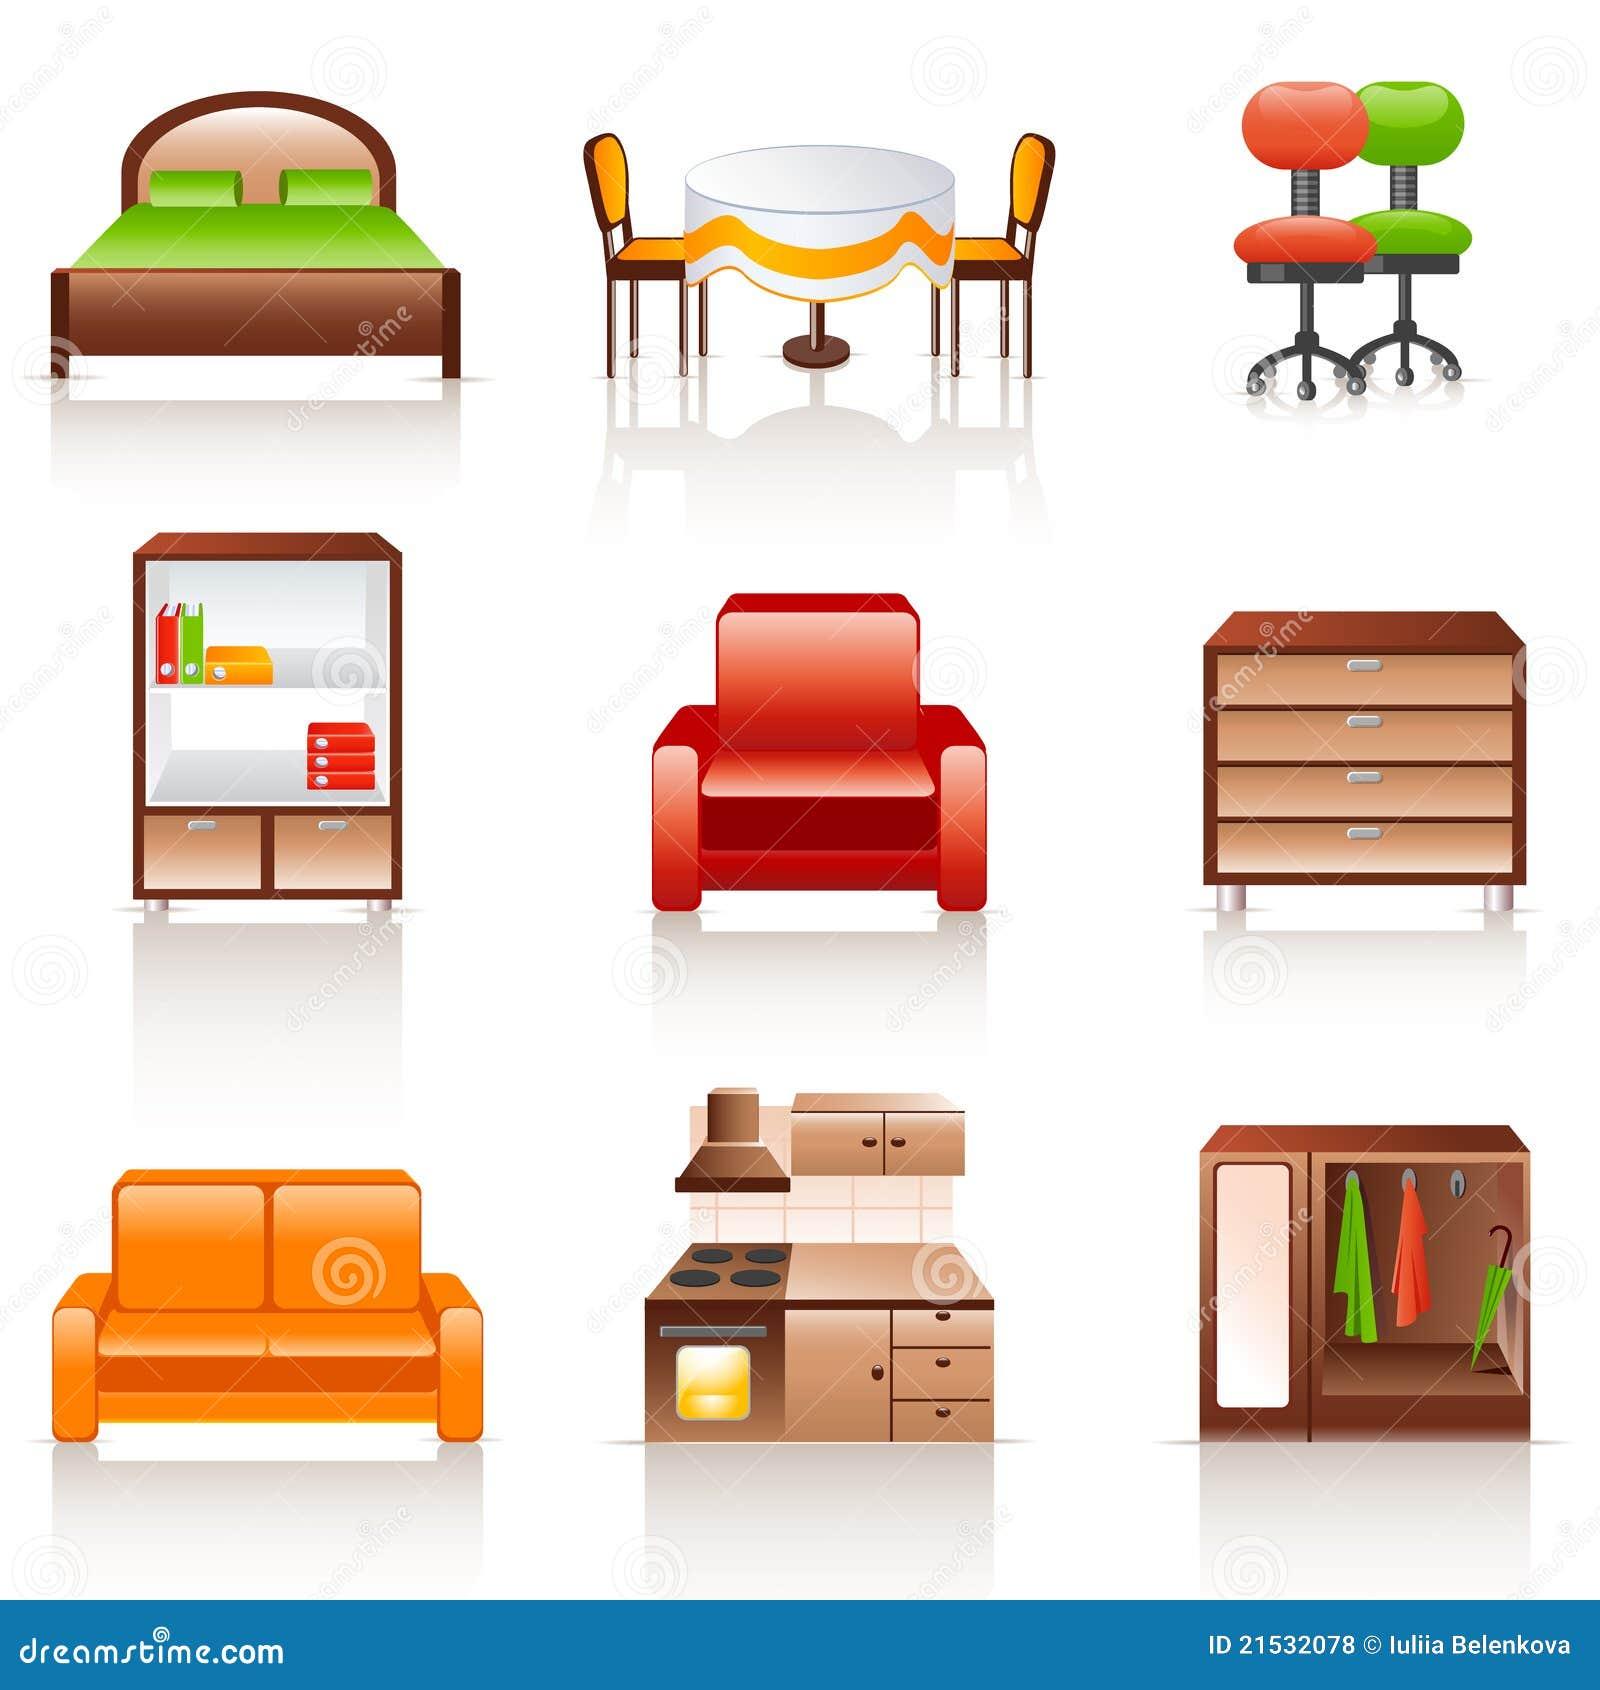 Iconos De Los Muebles Ilustraci N Del Vector Ilustraci N De Pared  # Los Muebles Powerpoint